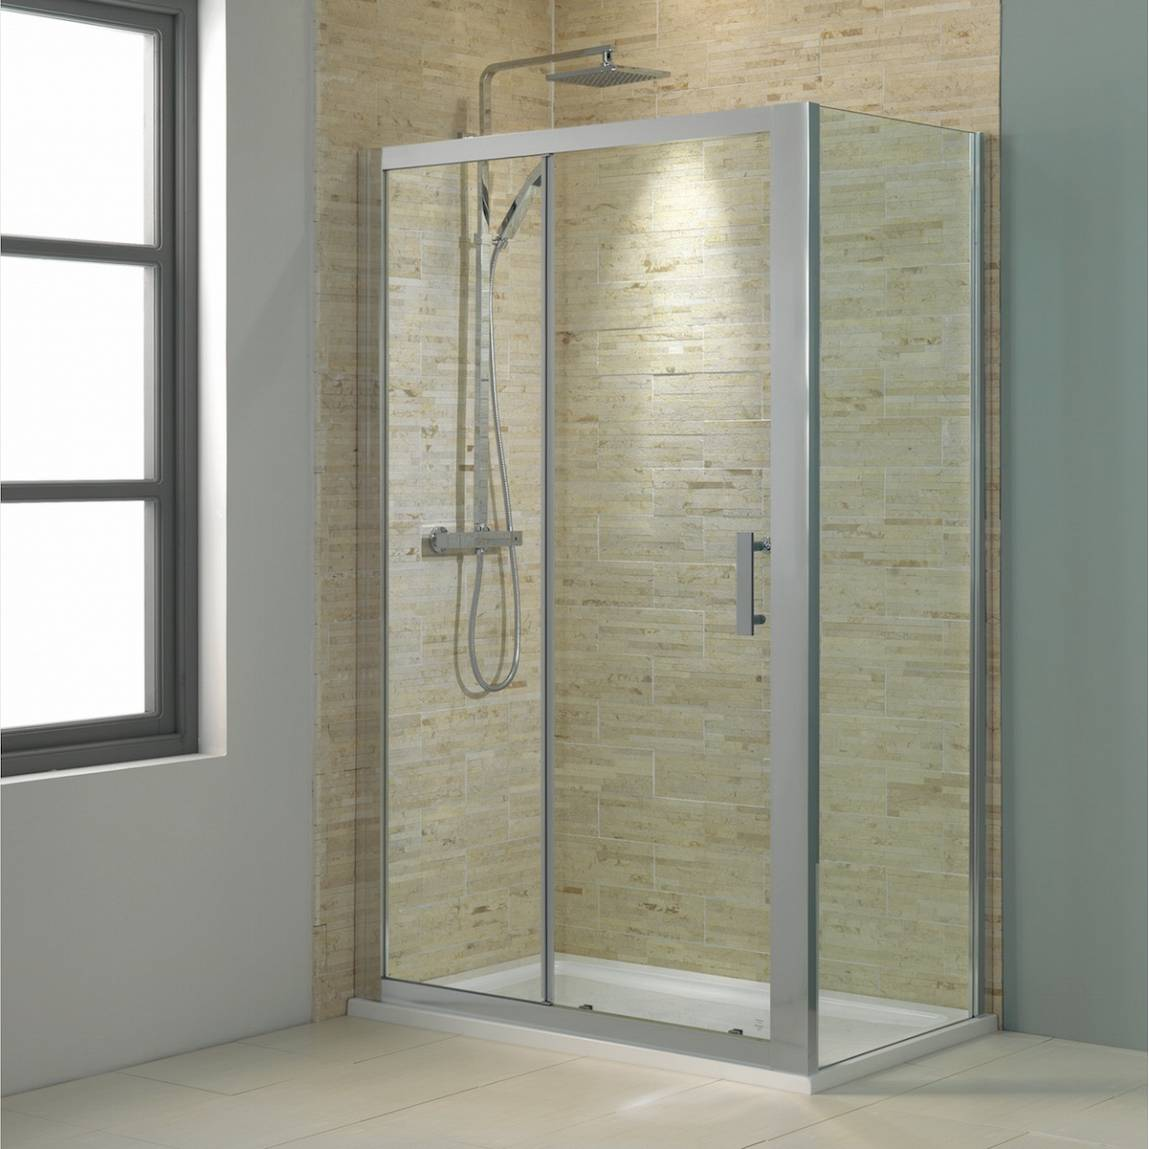 Image of V8 Framed Sliding Shower Enclosure 1200 x 800